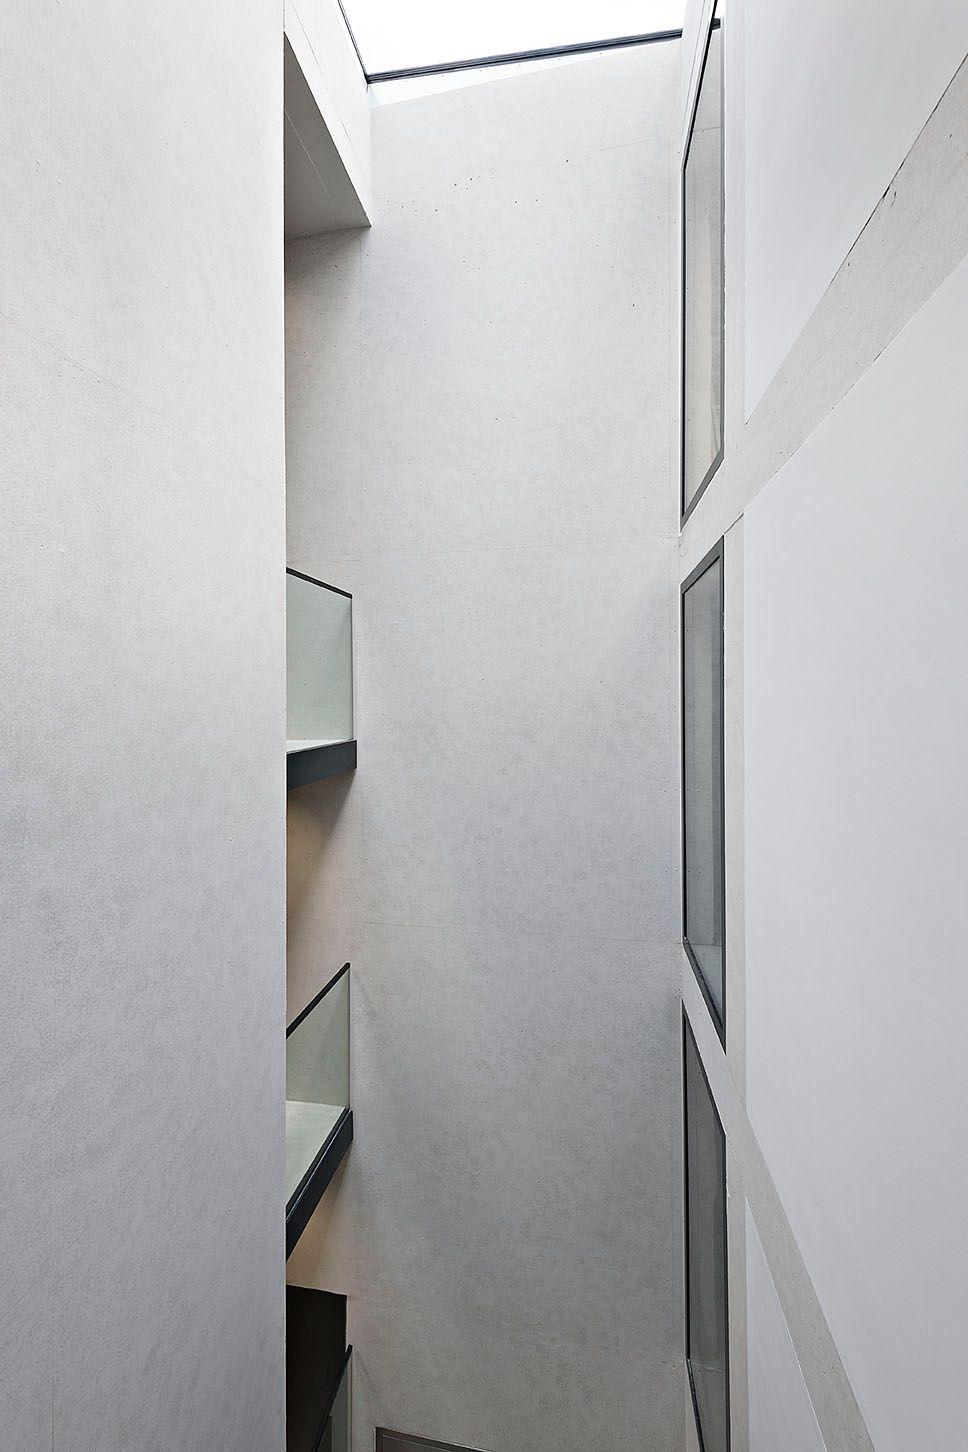 Architekten Landshut papierstapel in ziegel archiv in landshut hierl architekten arch